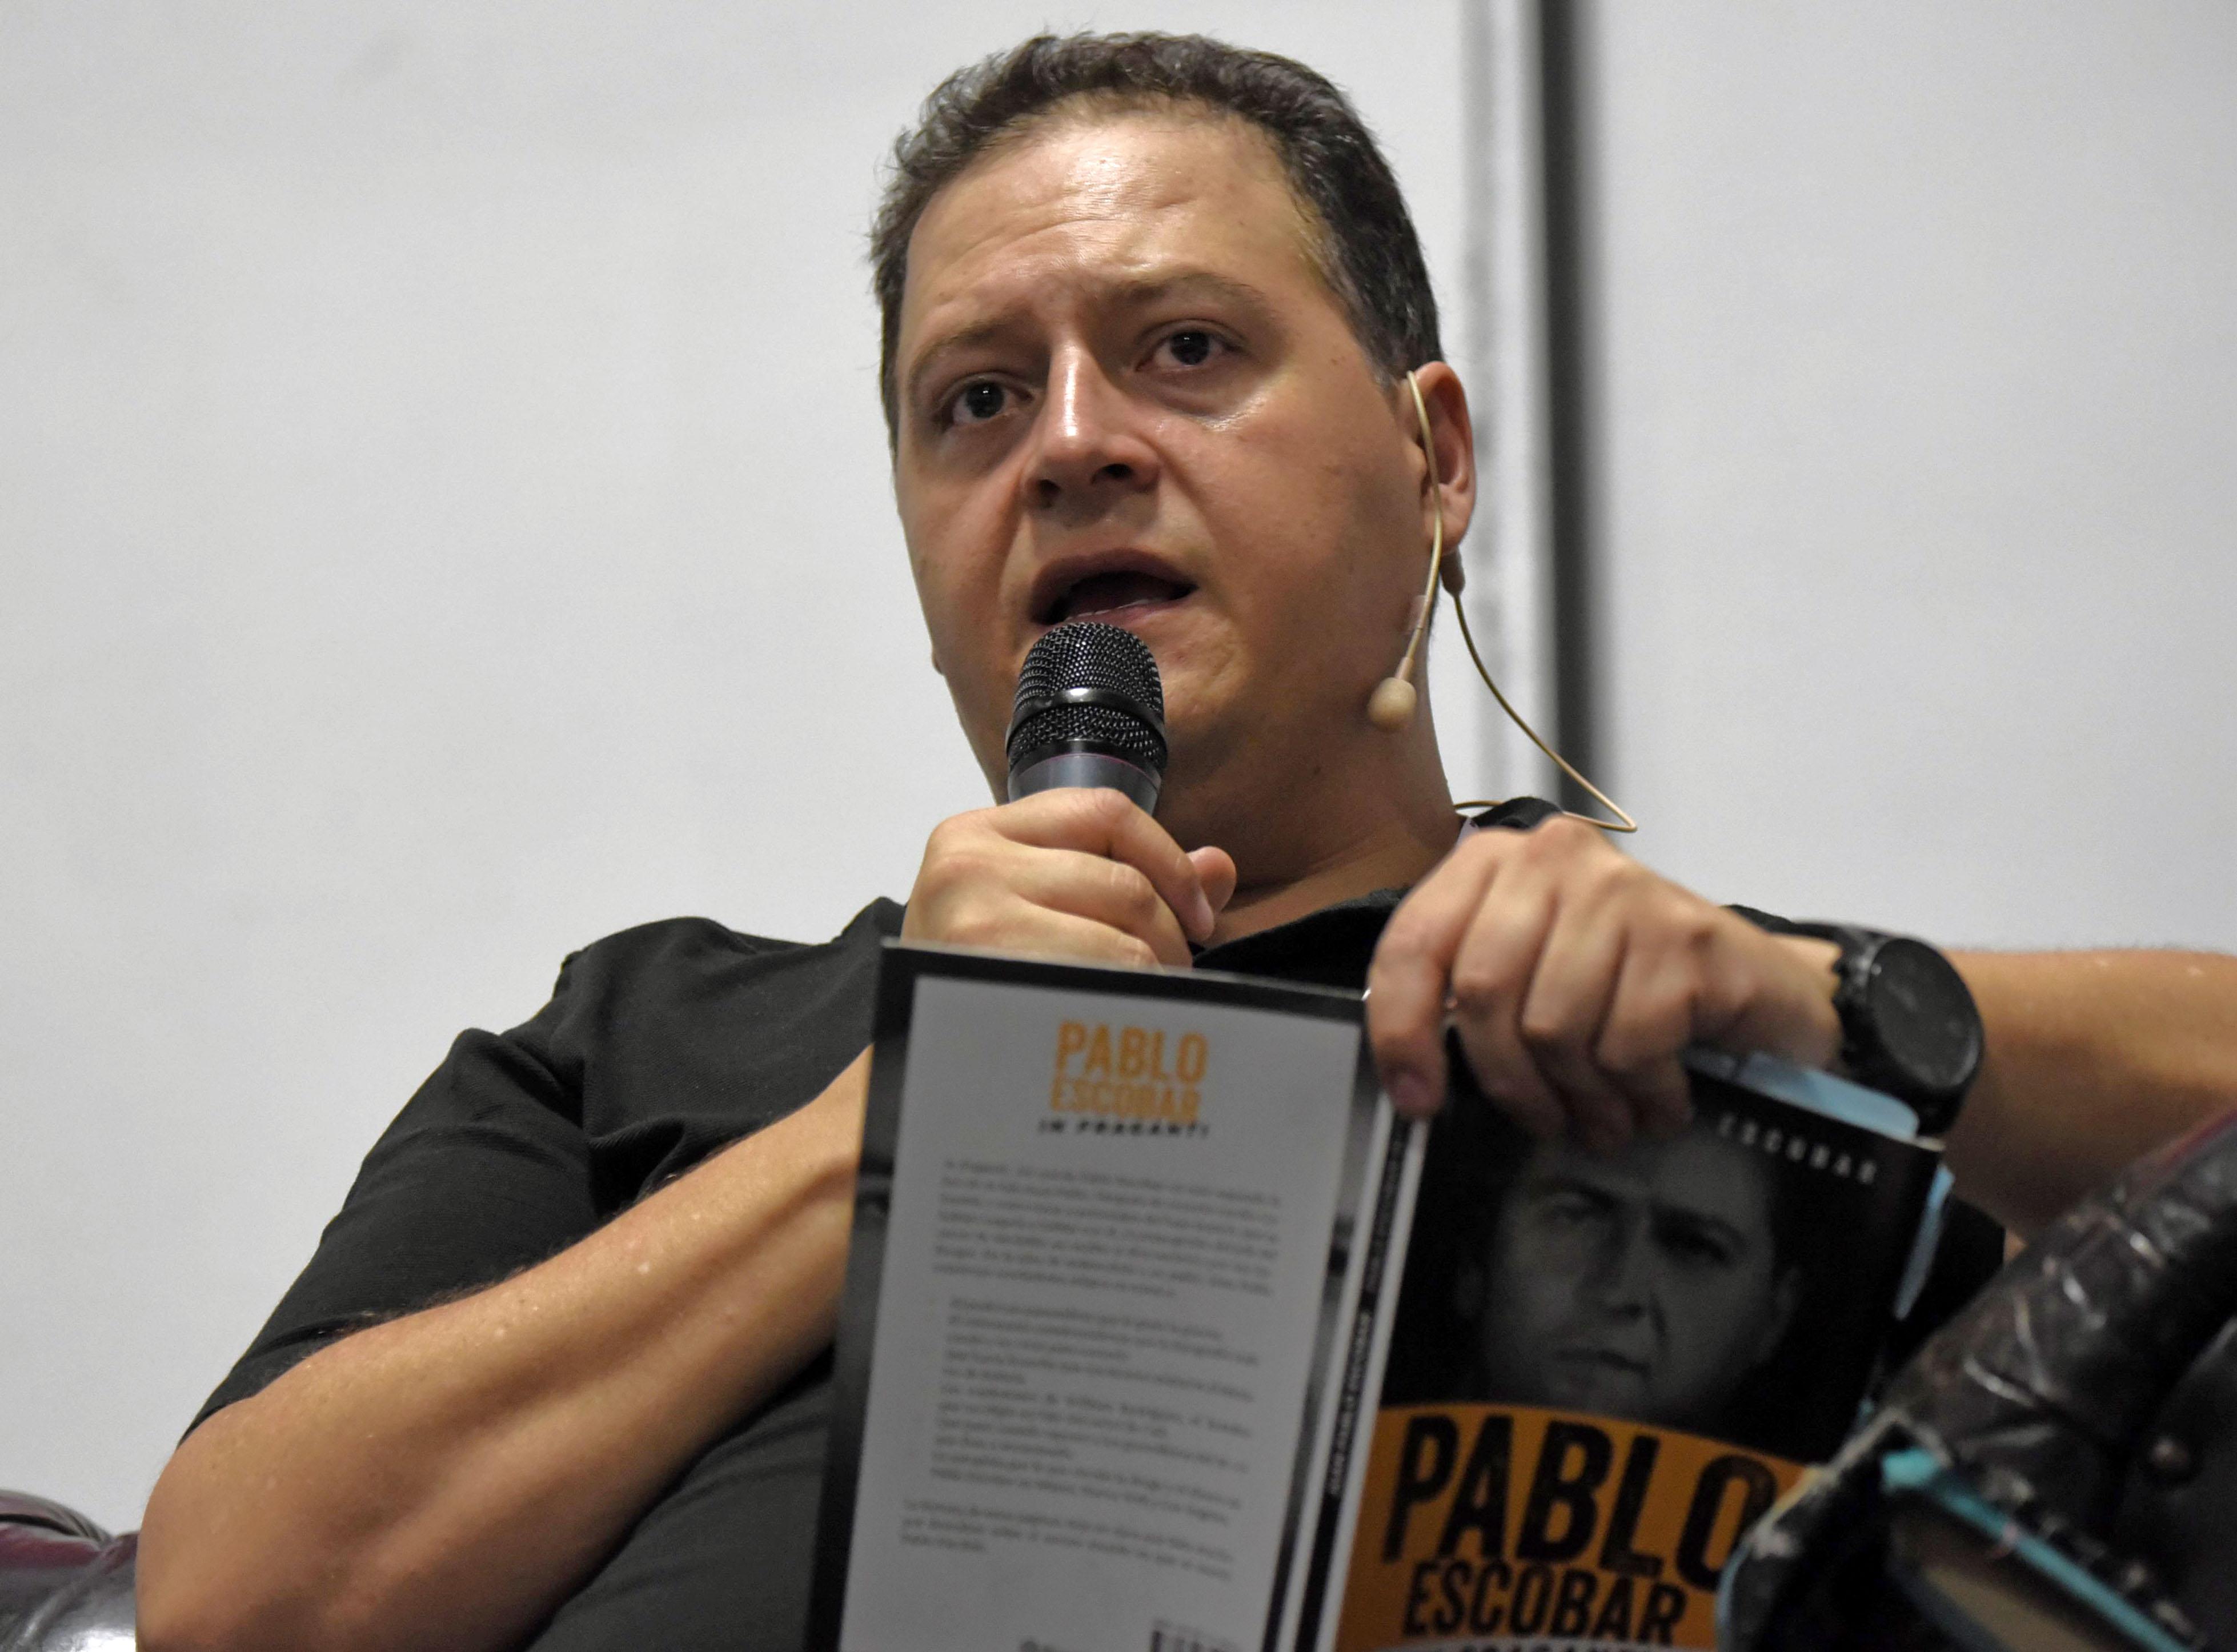 Juan Pablo Escobar Henao mientras lee el libro sobre su padre (AFP)